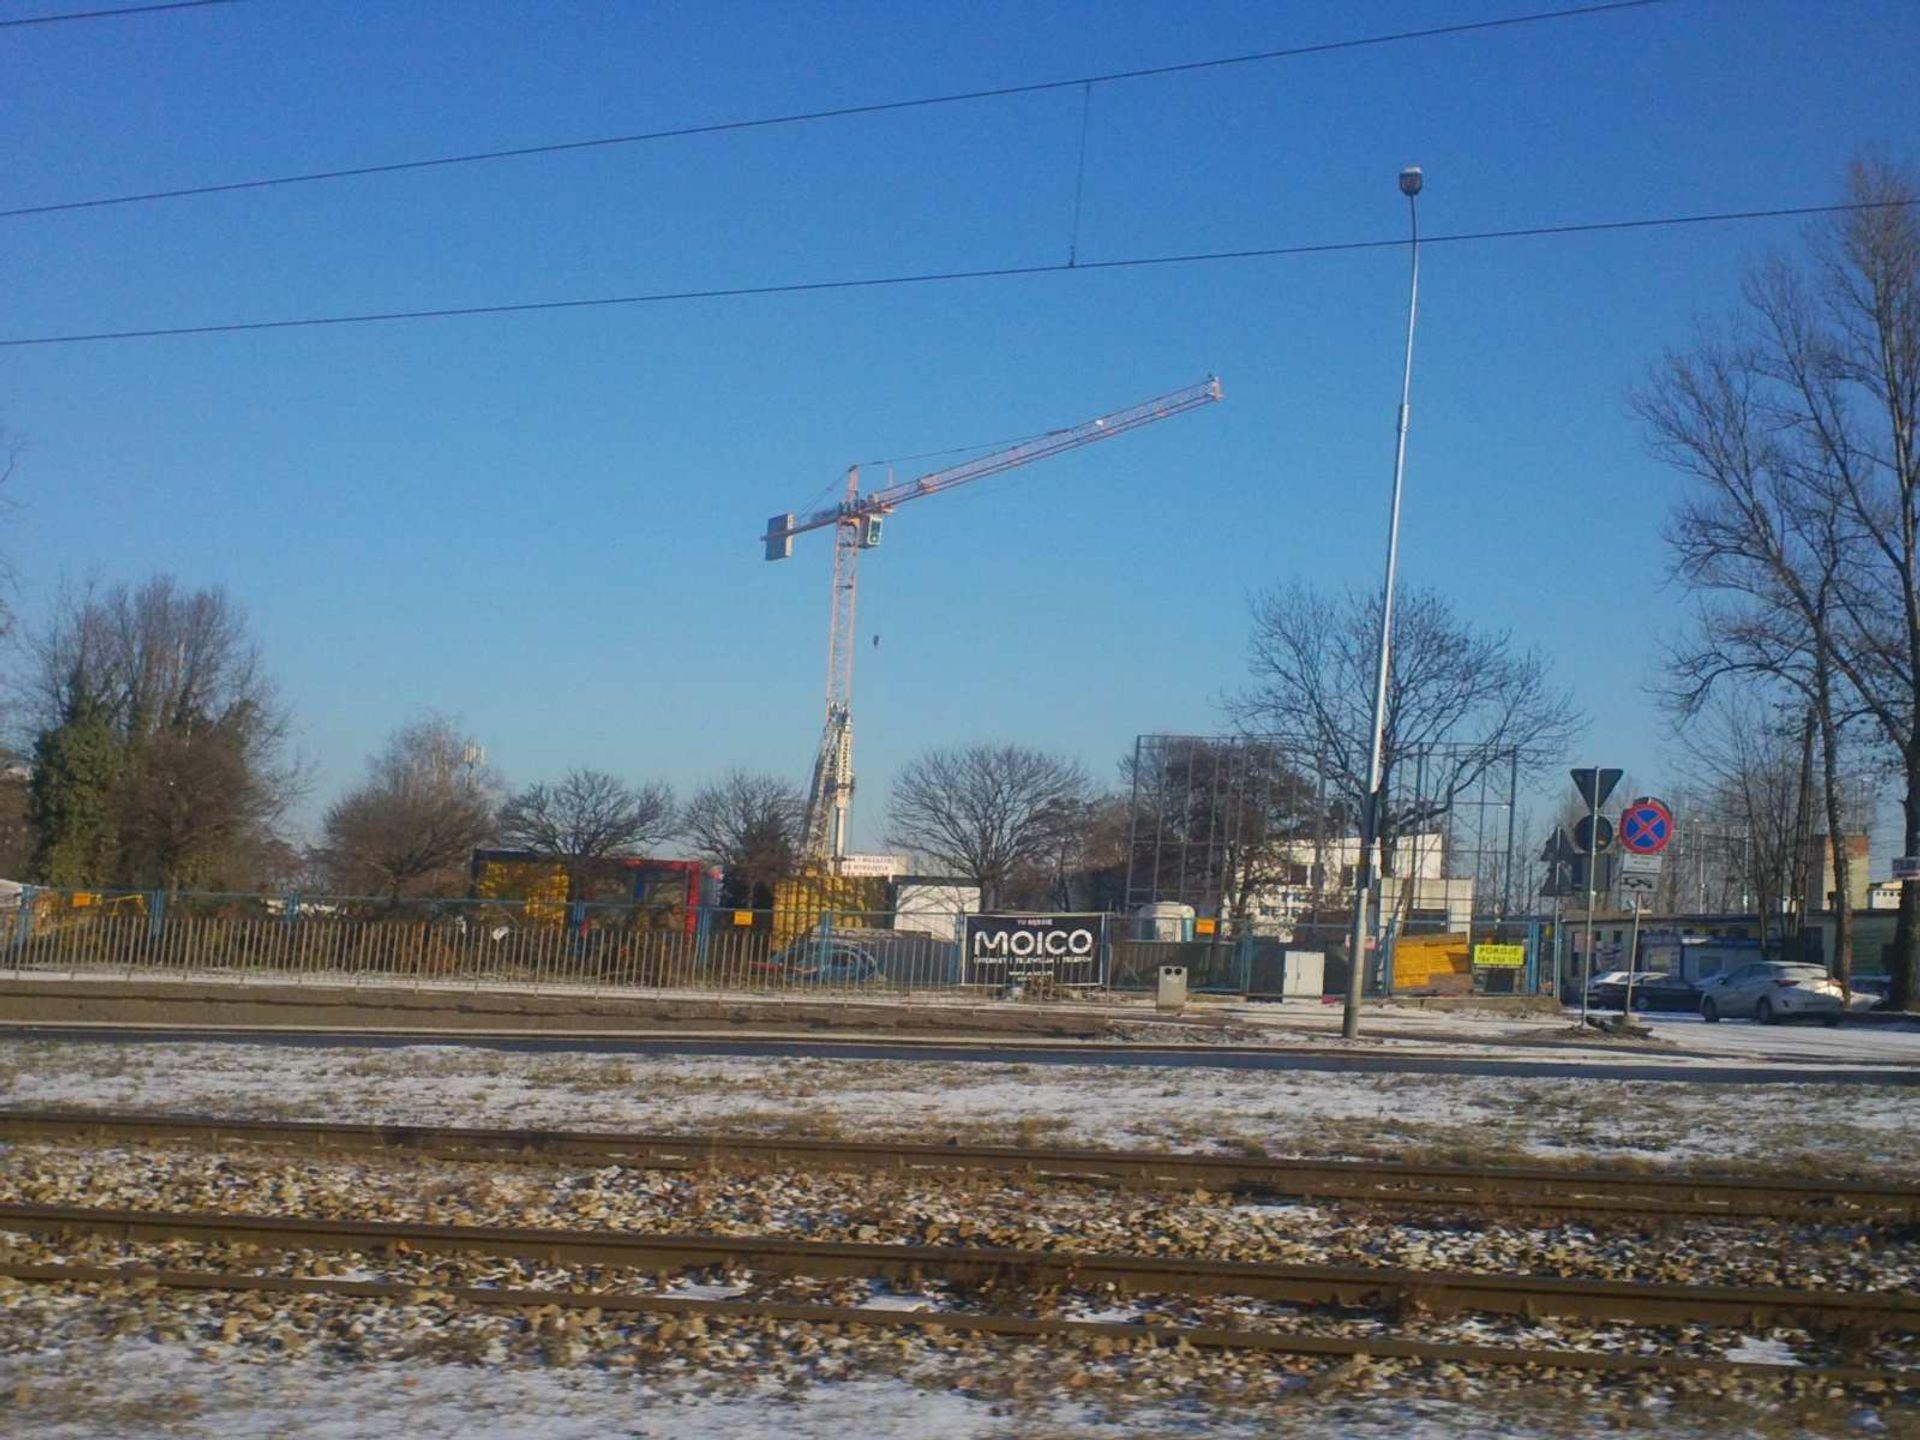 [Wrocław] I2 Development wybuduje kolejne mieszkania na Krzykach?